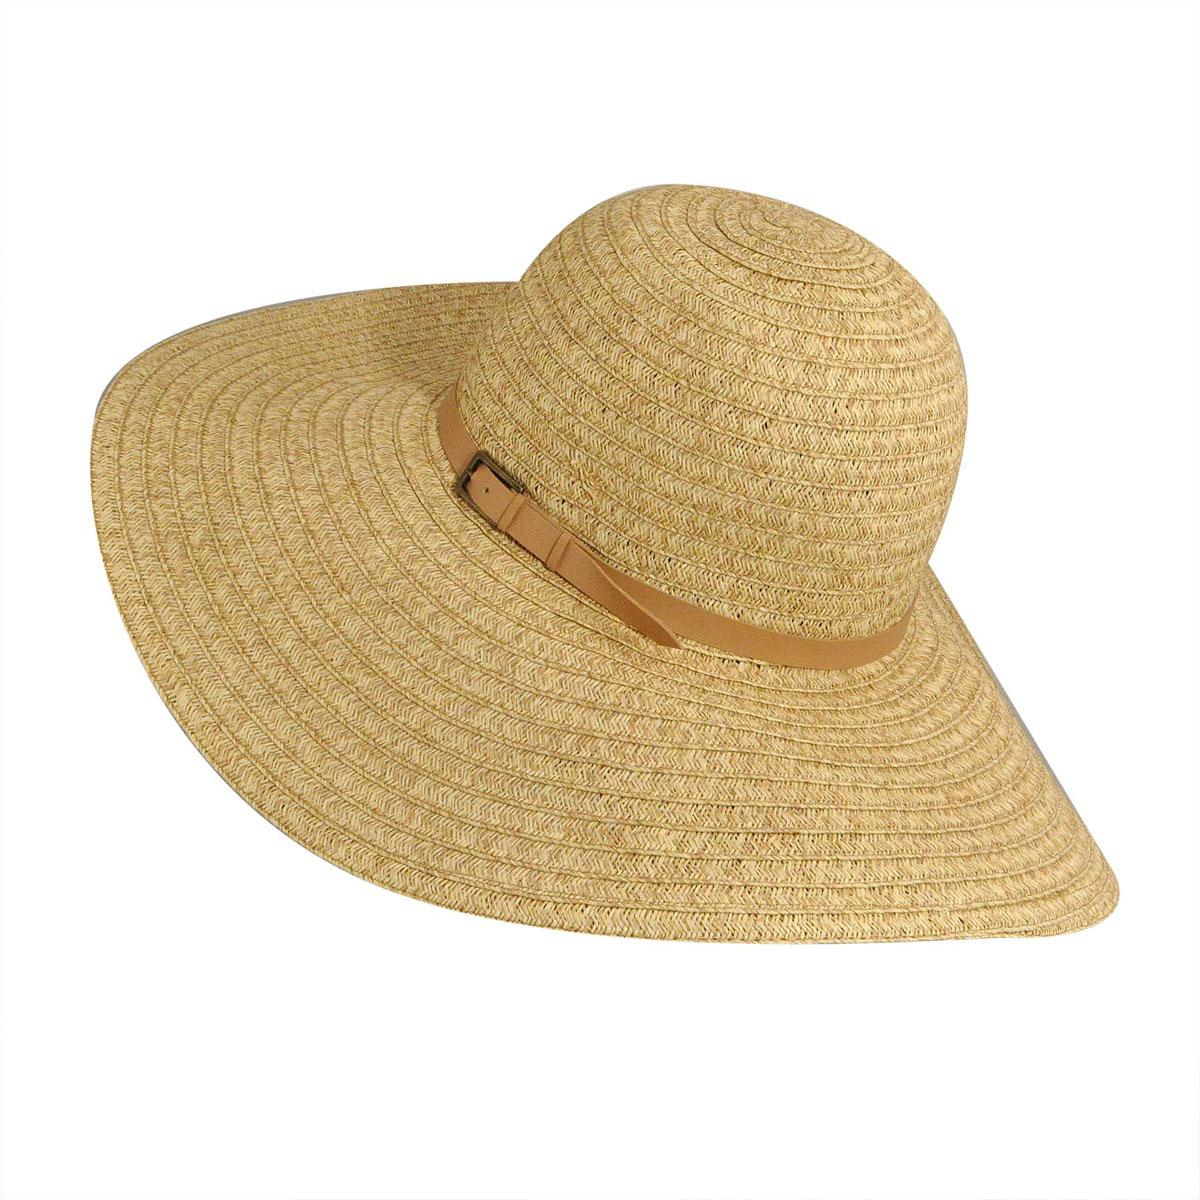 Betmar Ramona Braid Floppy Hat in Natural Multi